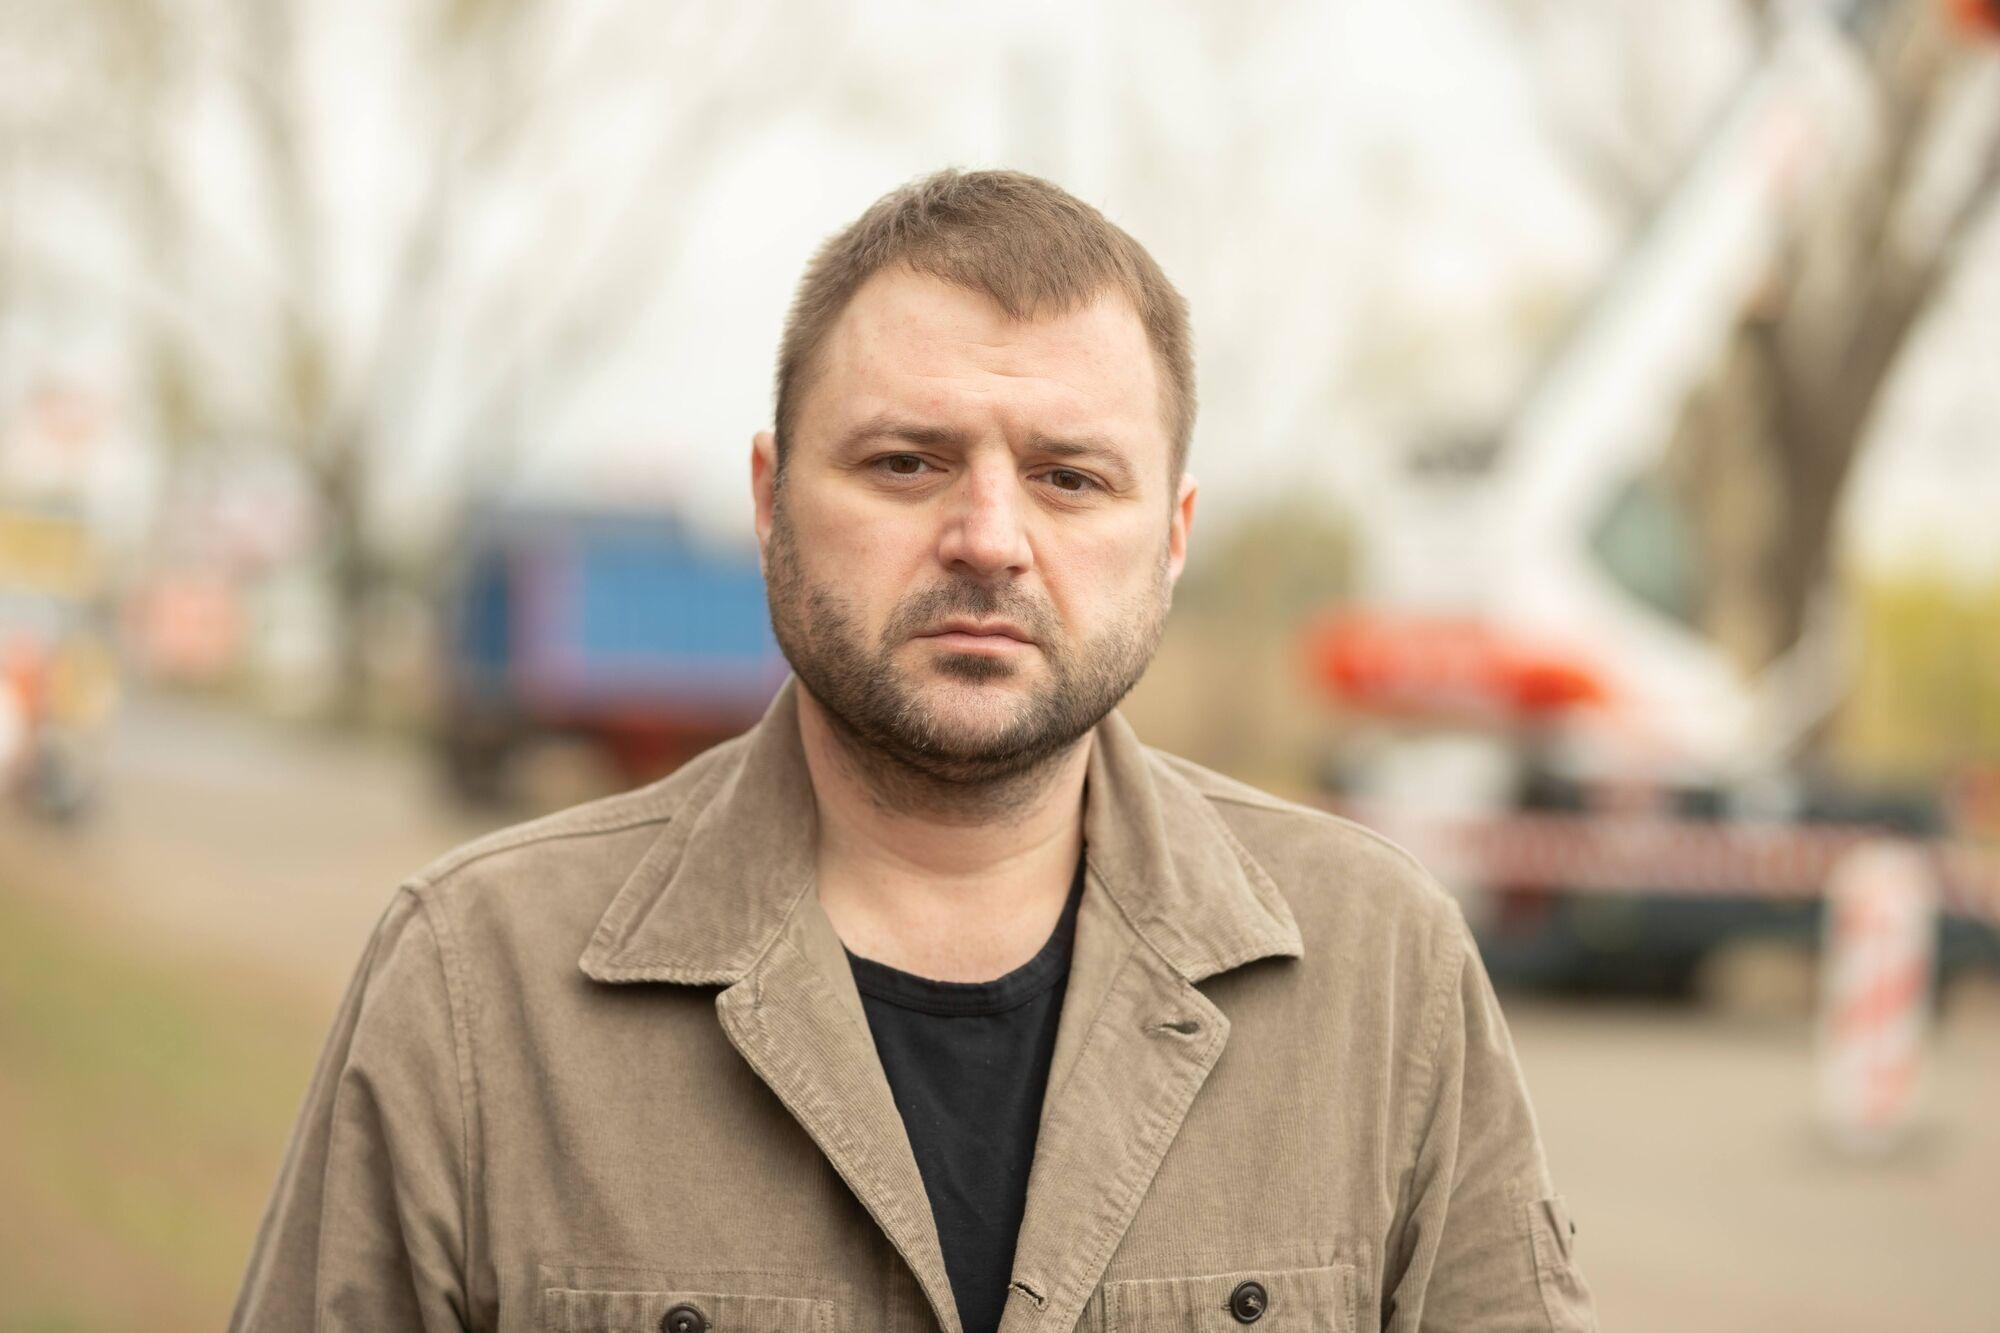 Заместитель городского головы Михаил Лысенко рассказал о преимуществах новой машины